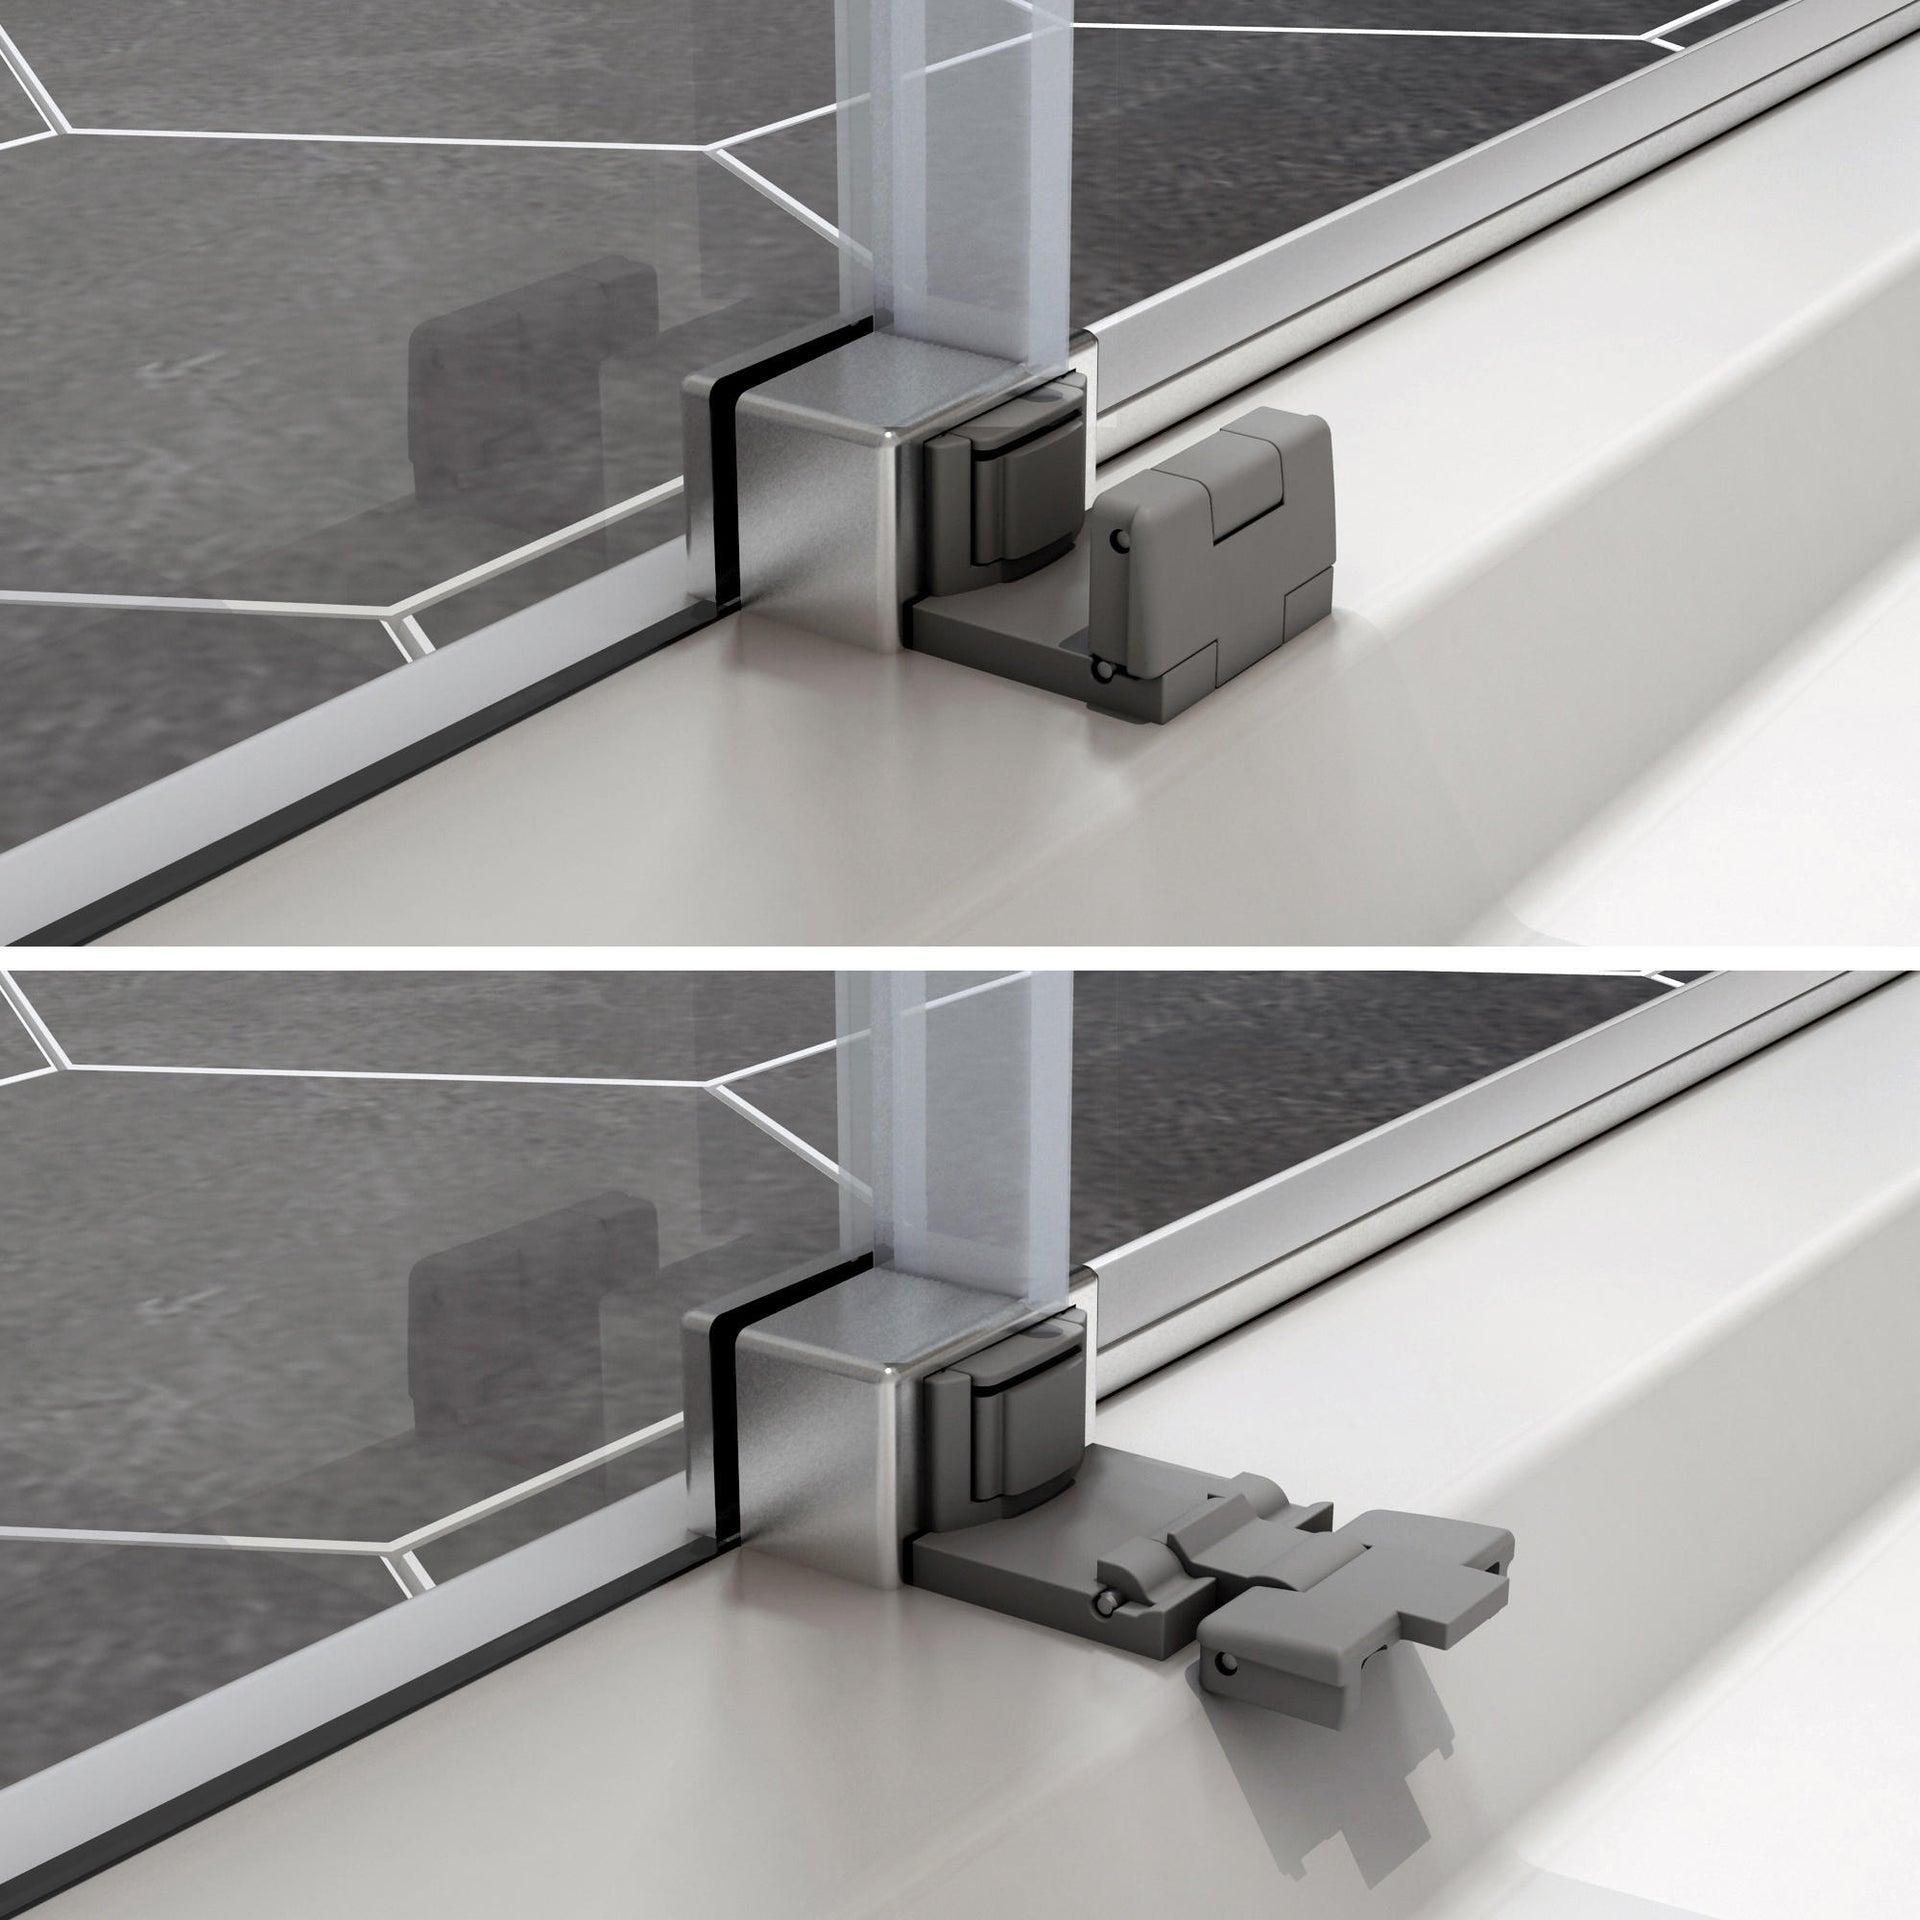 Box doccia rettangolare scorrevole Remix 80 x 120 cm, H 195 cm in vetro temprato, spessore 6 mm trasparente cromato - 3